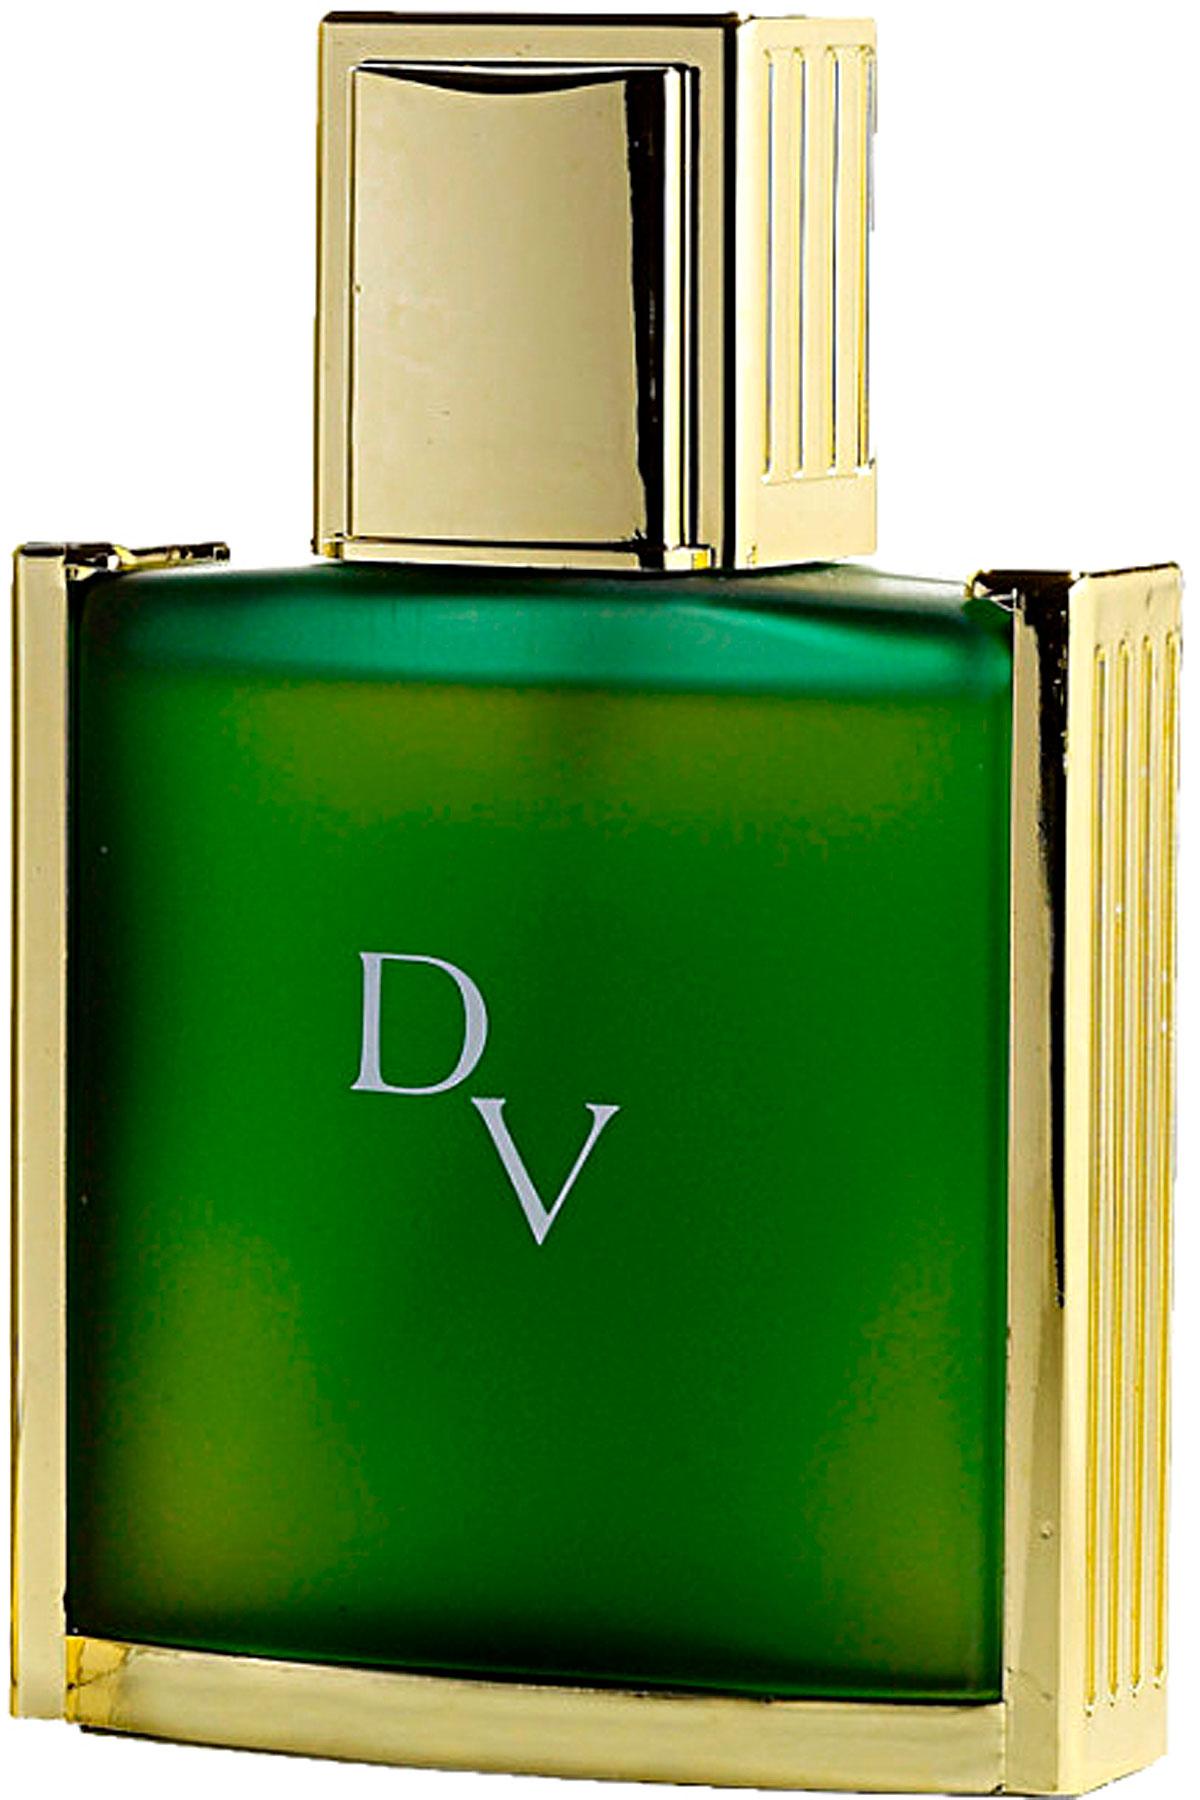 Houbigant Paris Fragrances for Men, Duc De Vervins - Eau De Toilette - 120 Ml, 2019, 120 ml